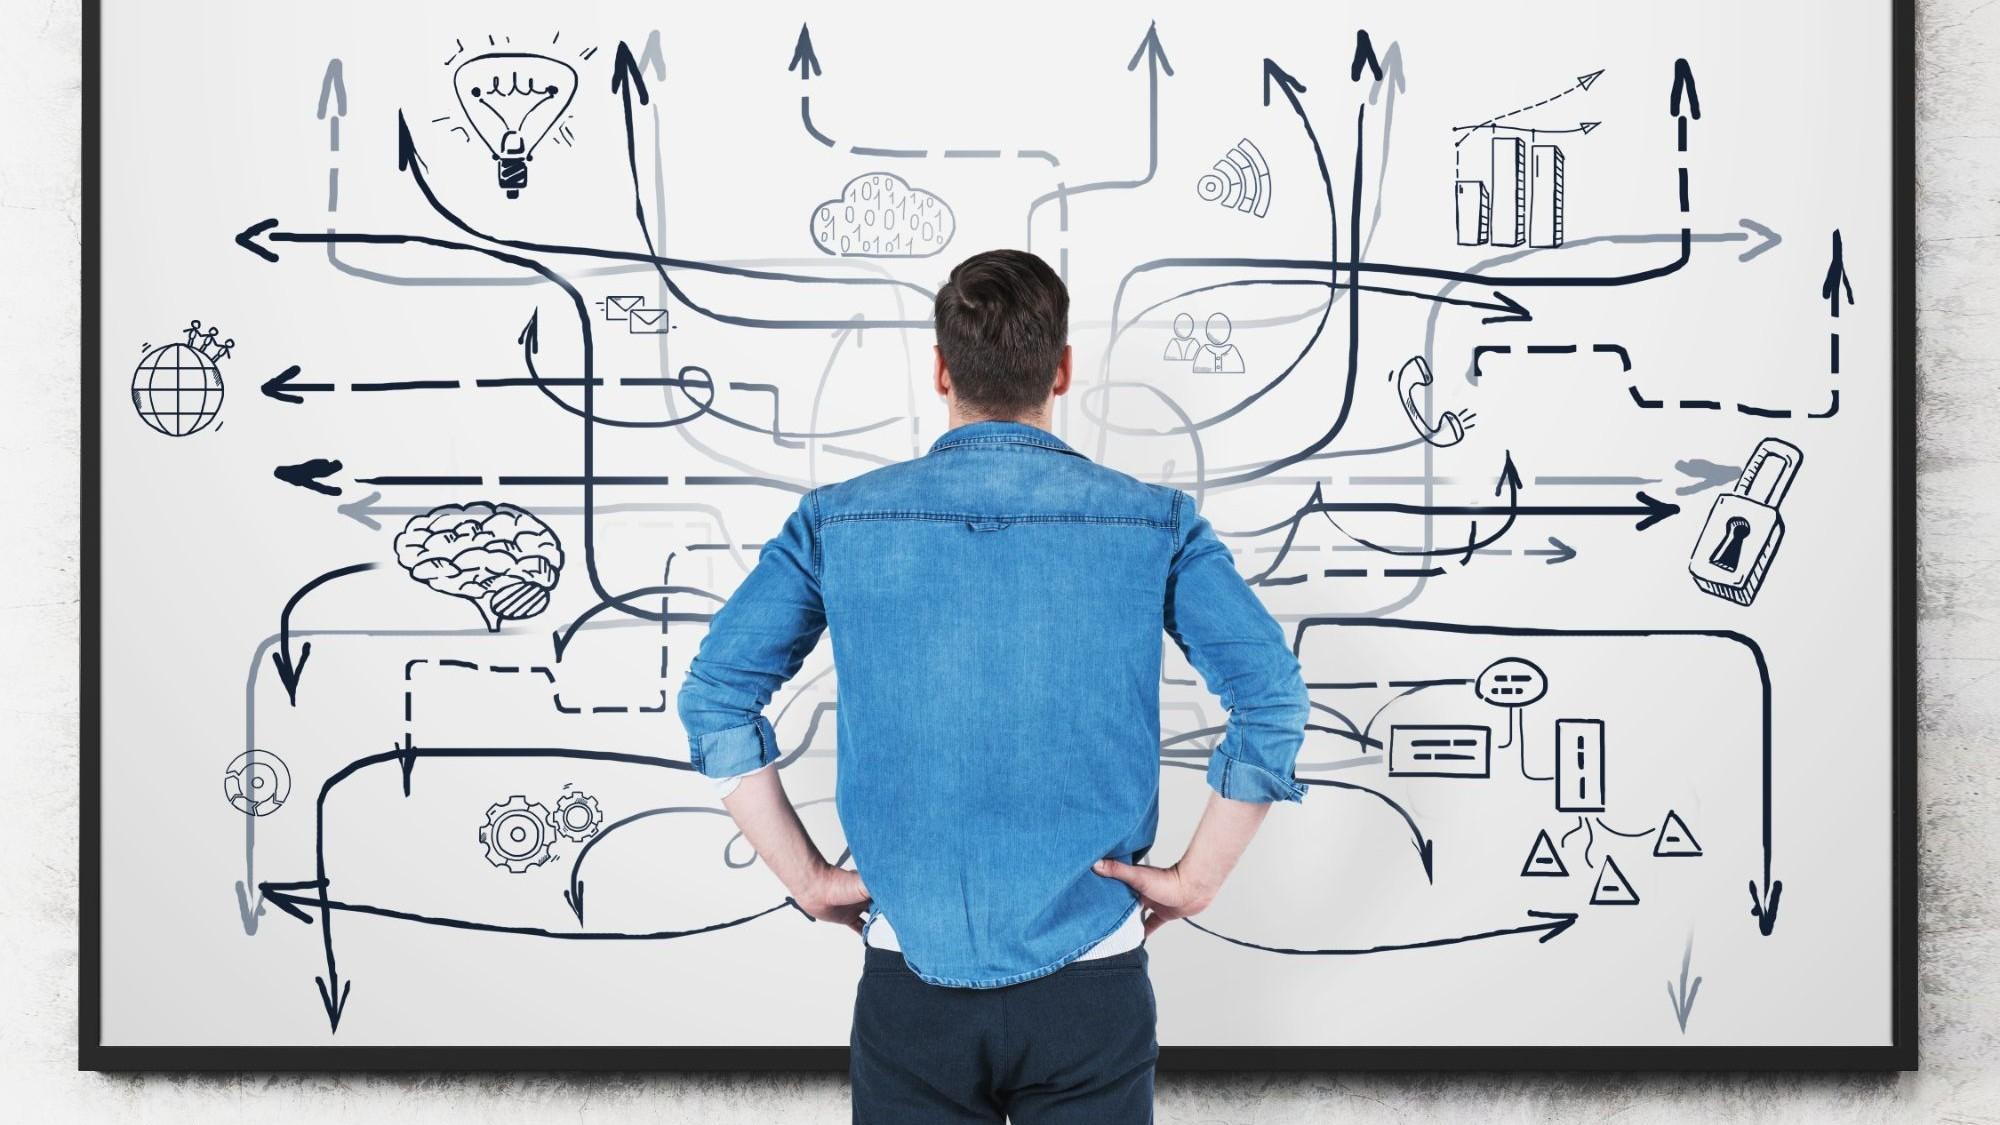 Représentation de la formation : Gagner en efficacité organisationnelle